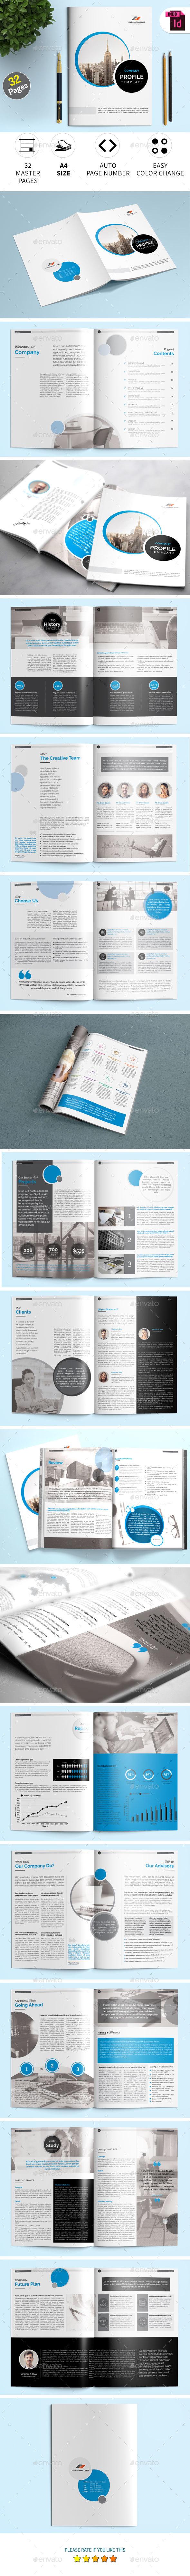 GraphicRiver Company Profile InDesign Template 21053653